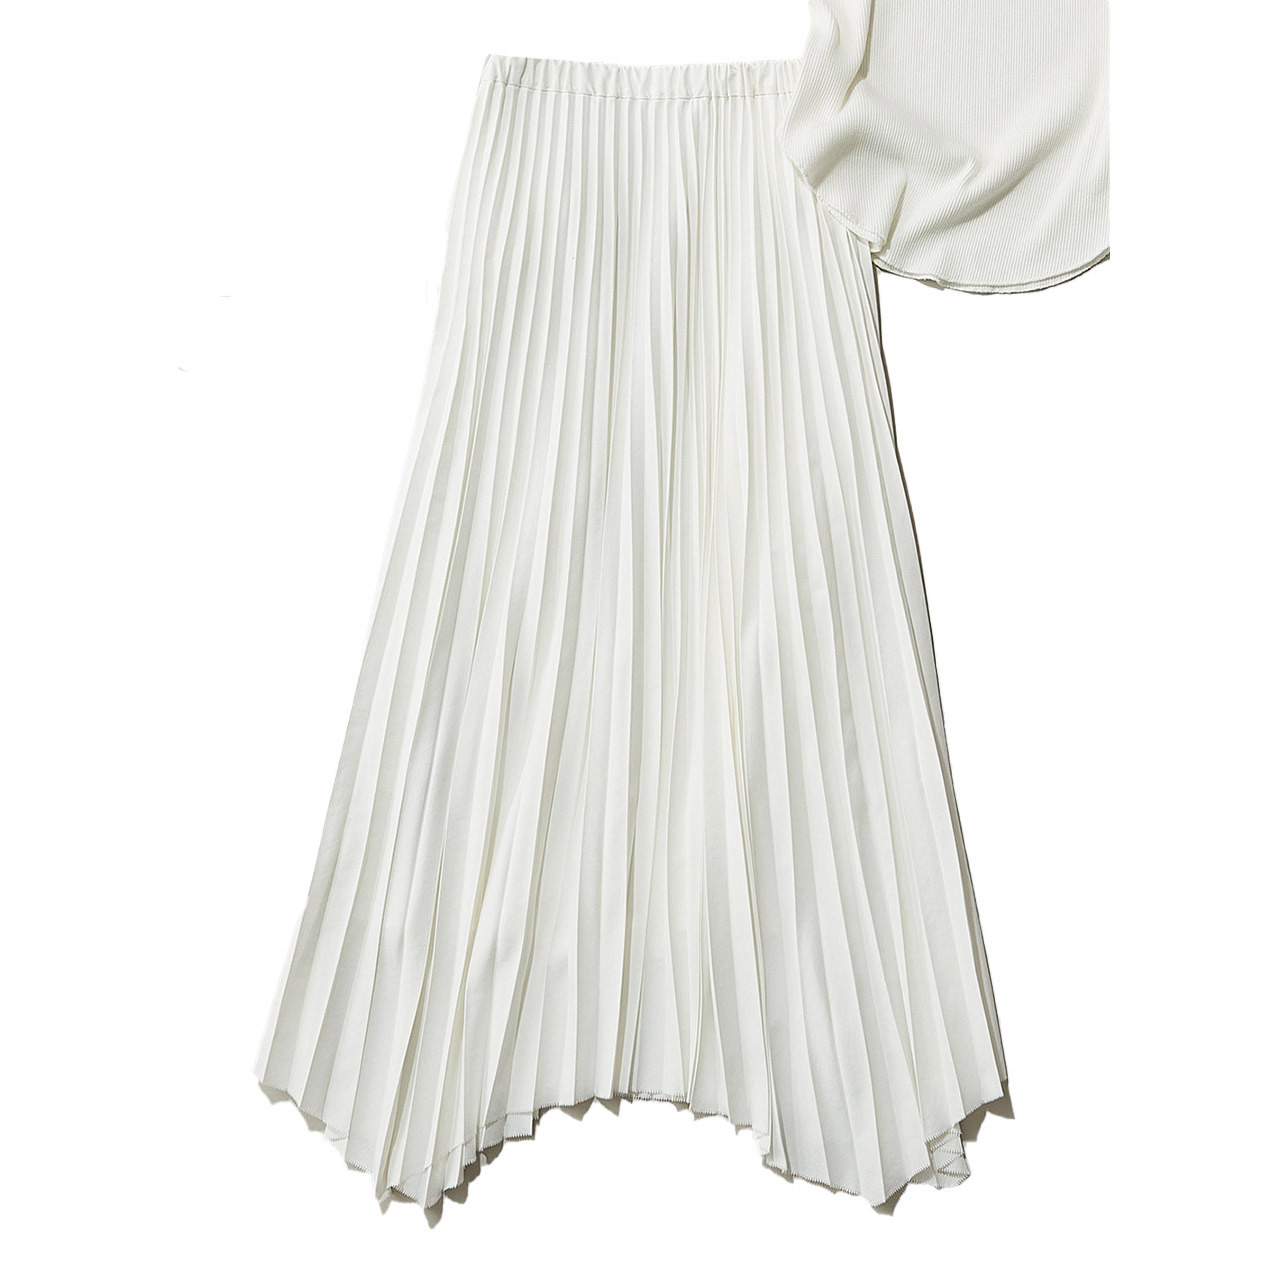 クリアな白&ハリ素材で甘くならないプリーツスカート